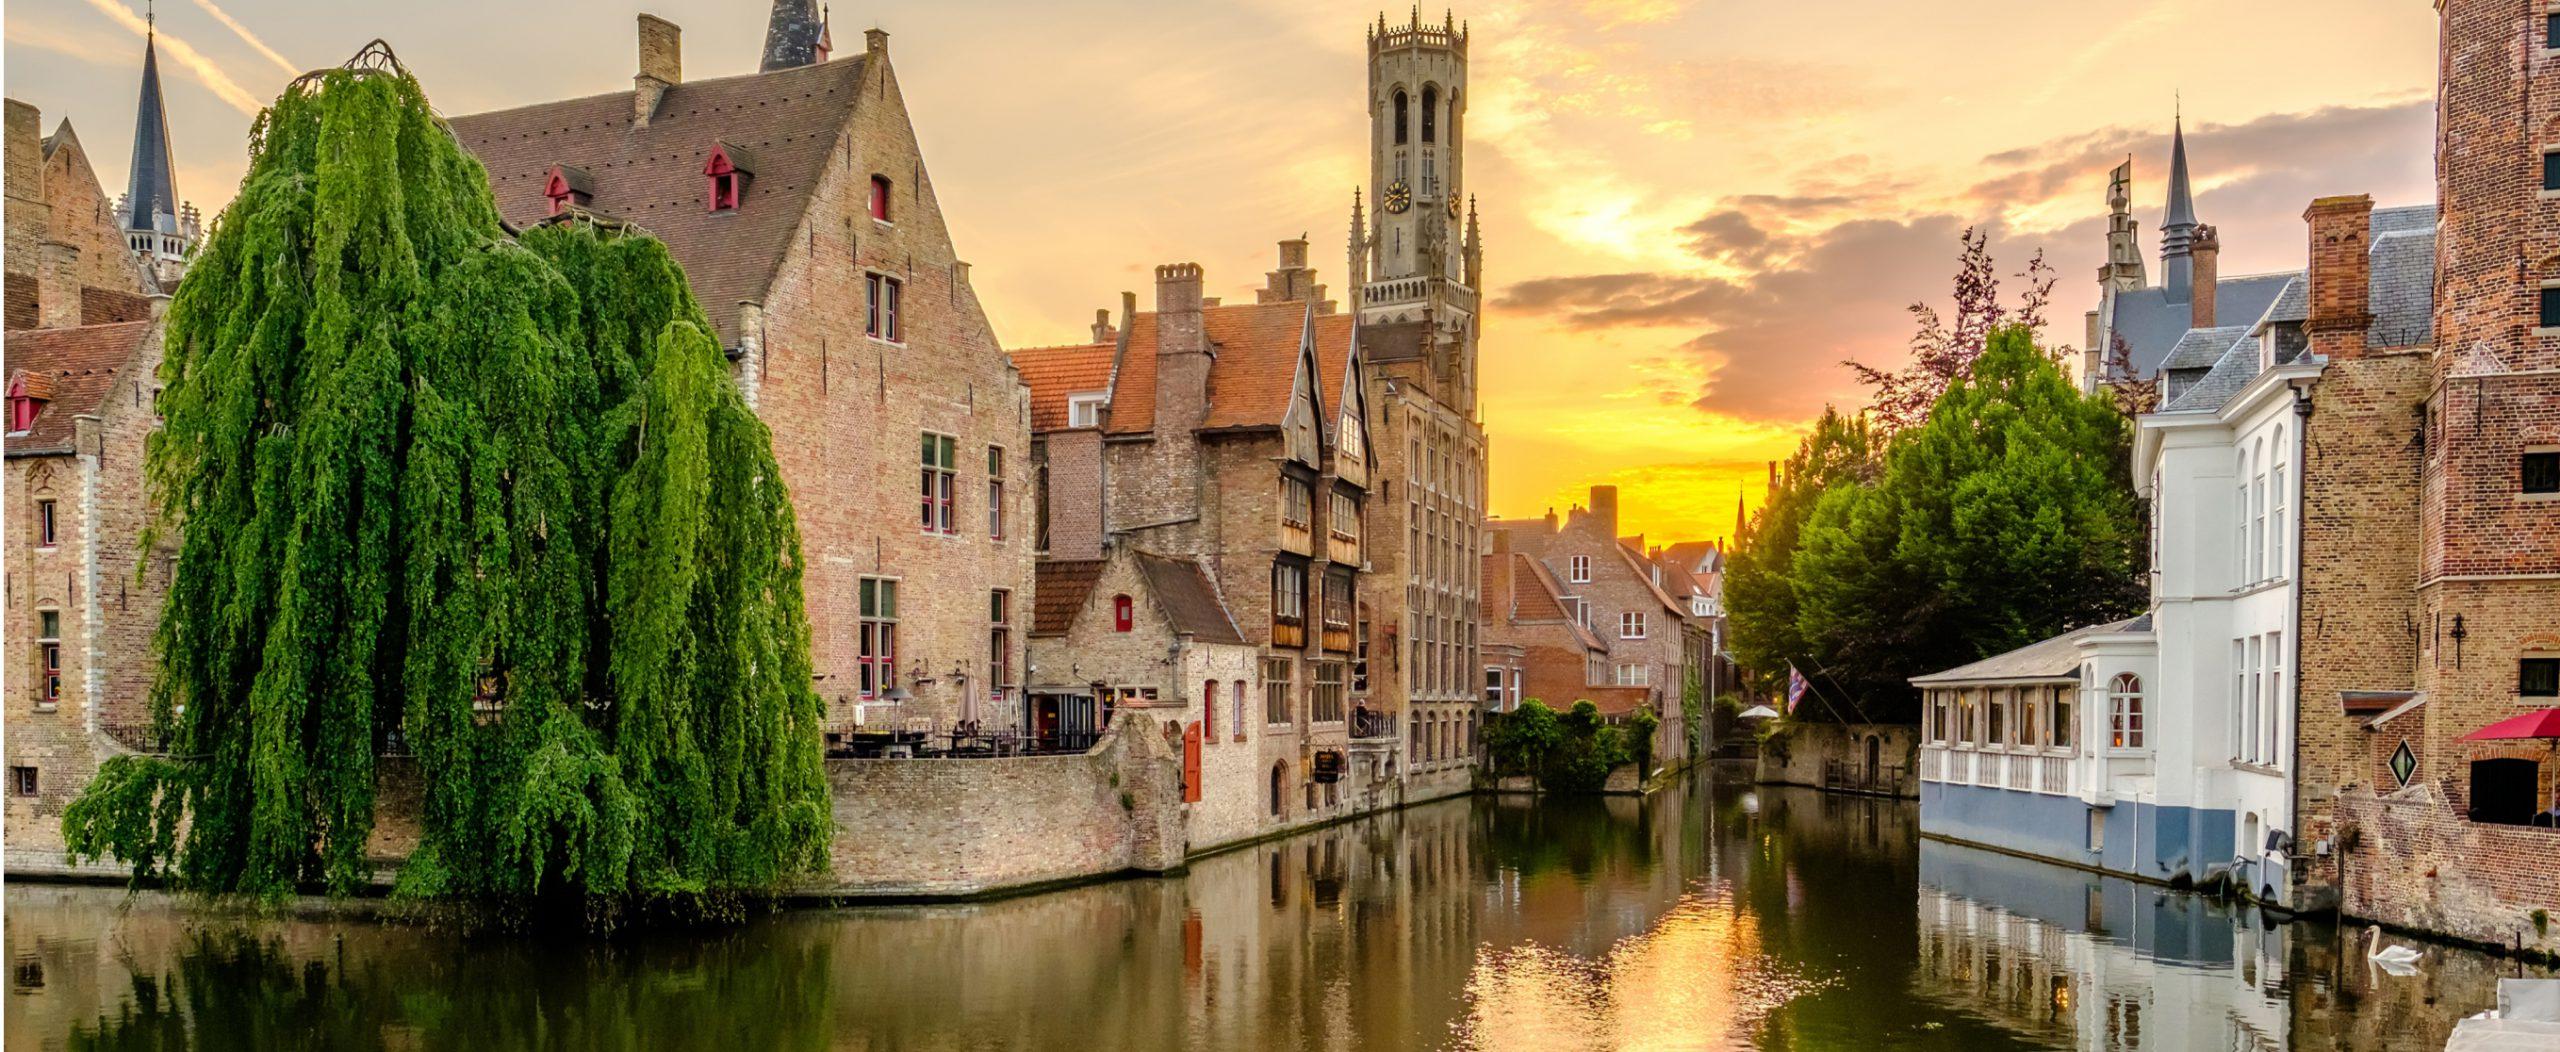 BMCC Brugge - omgeving - landschap - over Brugge